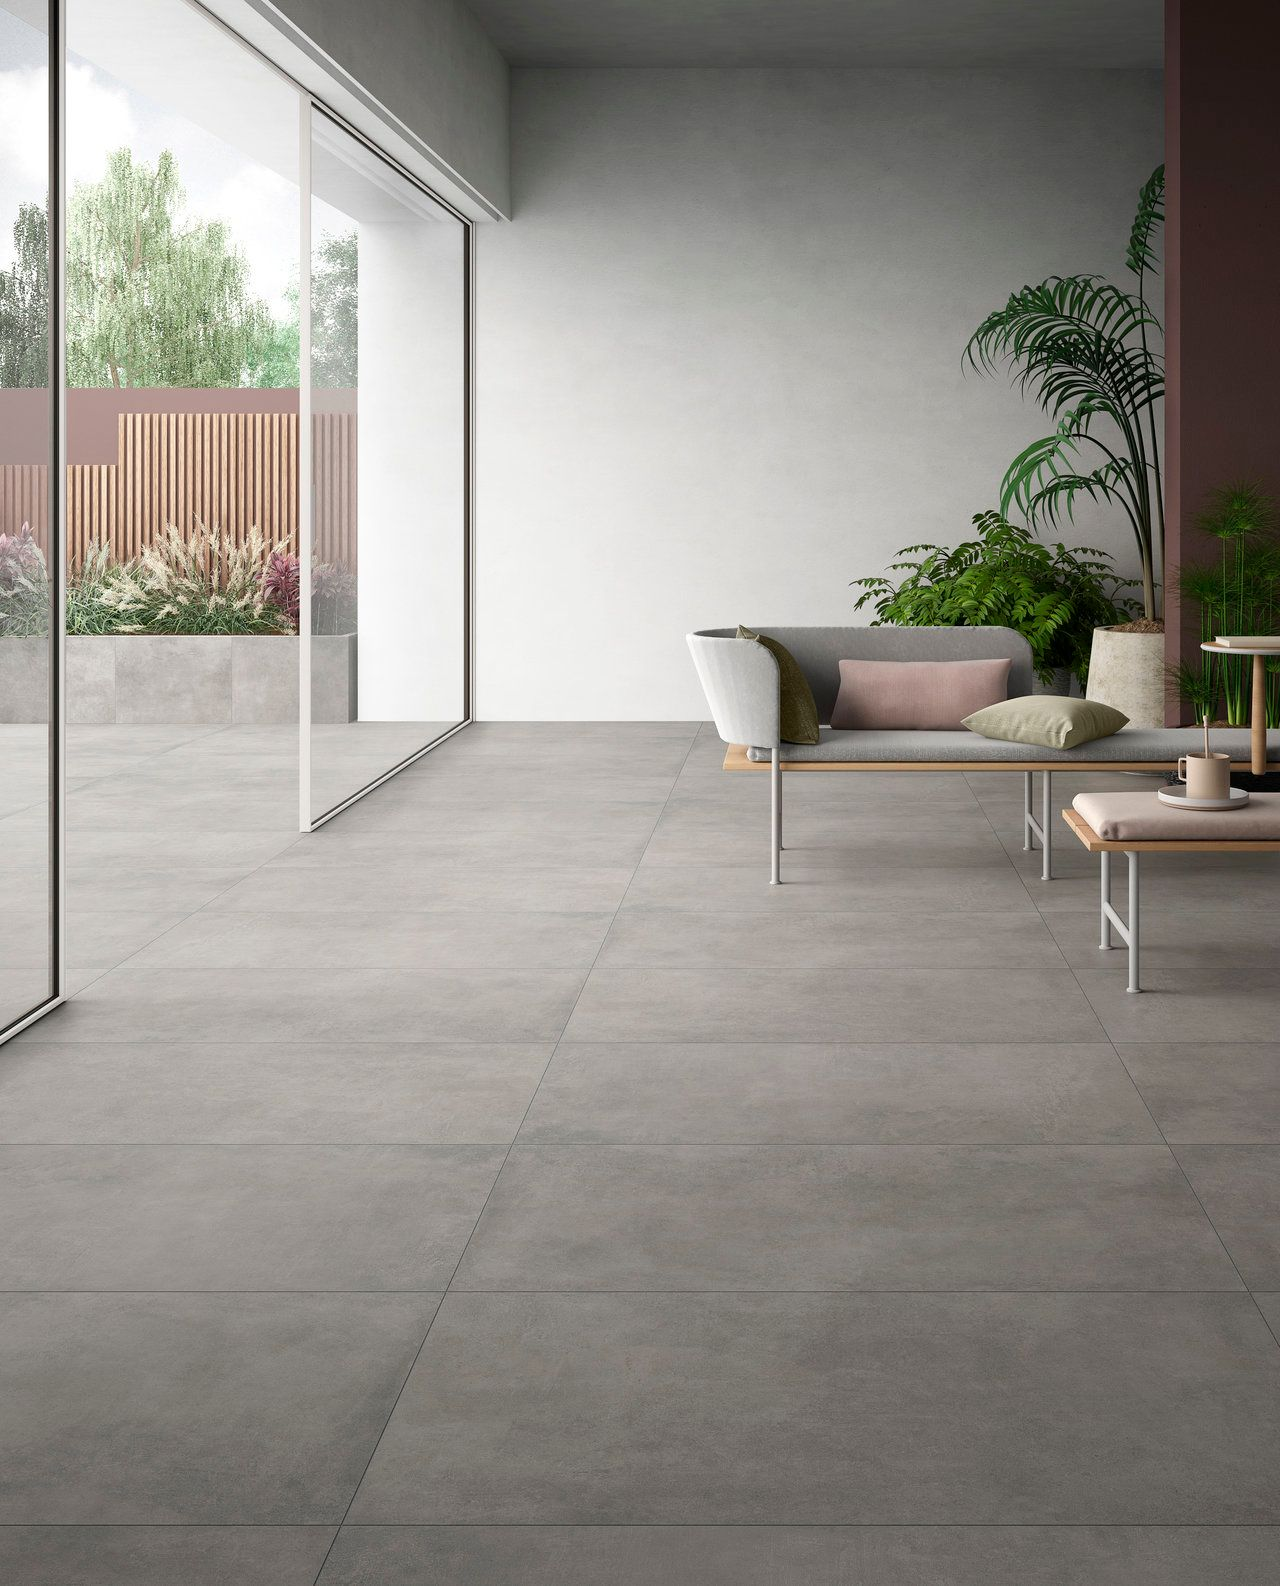 Concrete-look ceramic tile in an indoor-outdoor living room